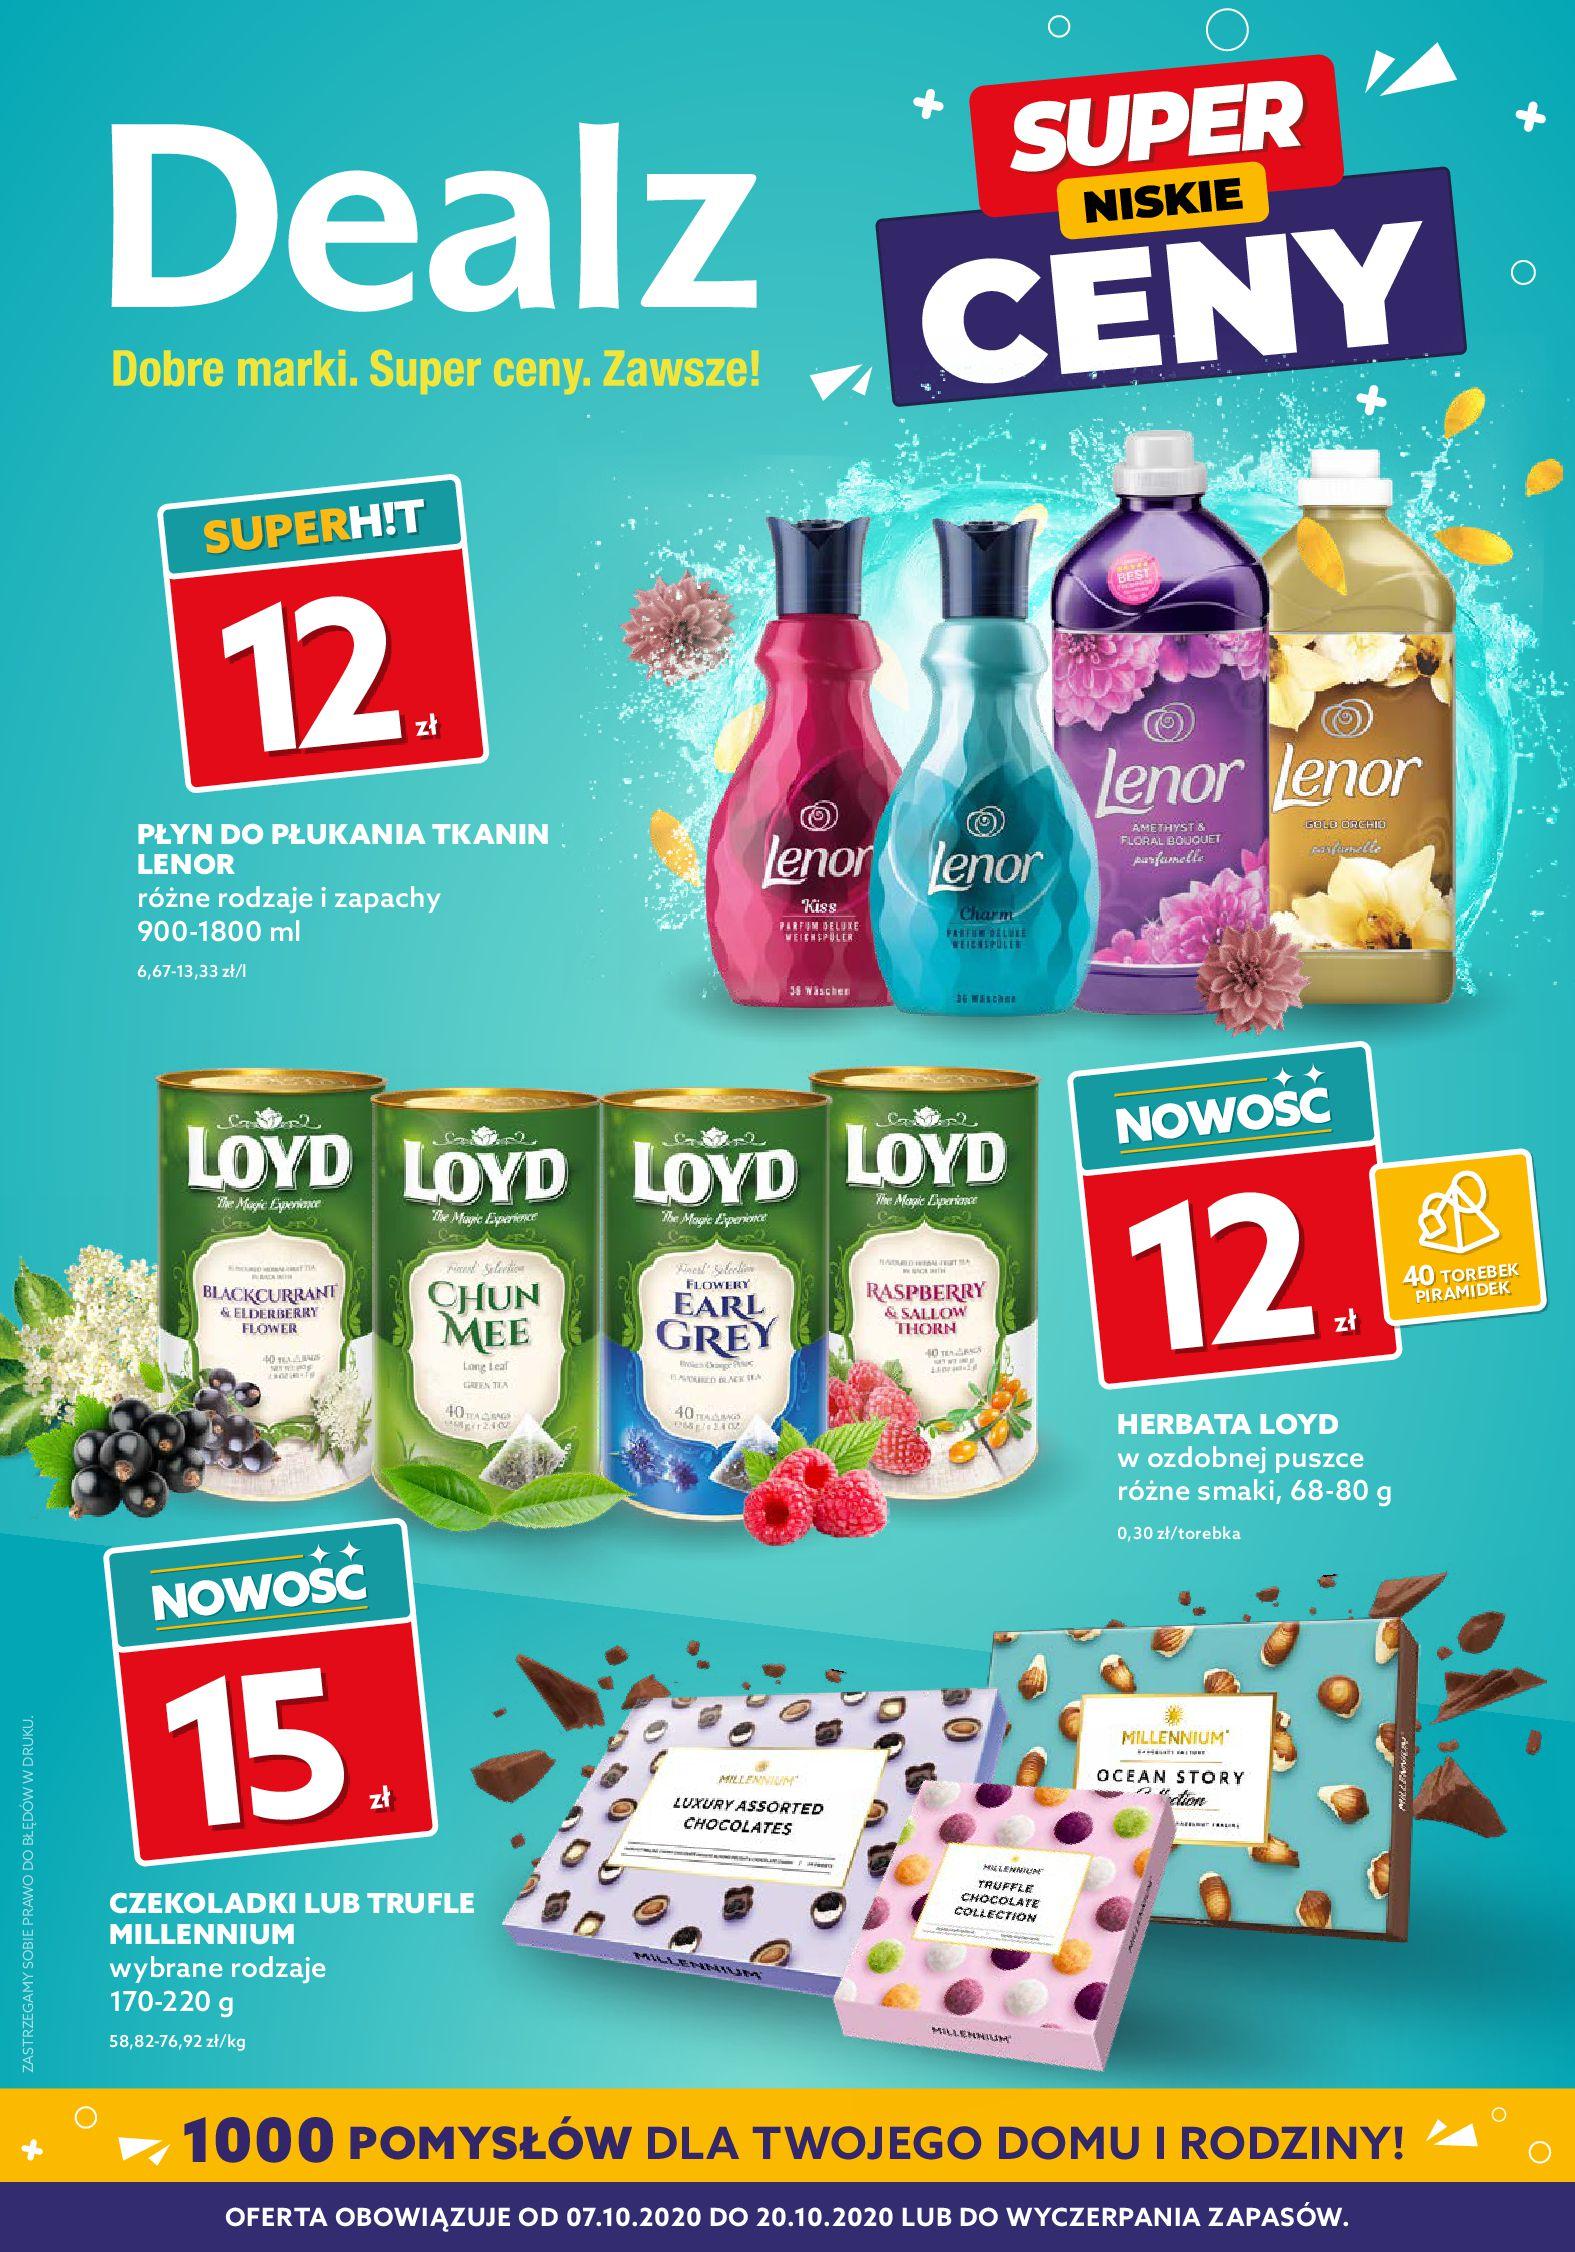 Gazetka Dealz  - Oferta handlowa-06.10.2020-20.10.2020-page-1